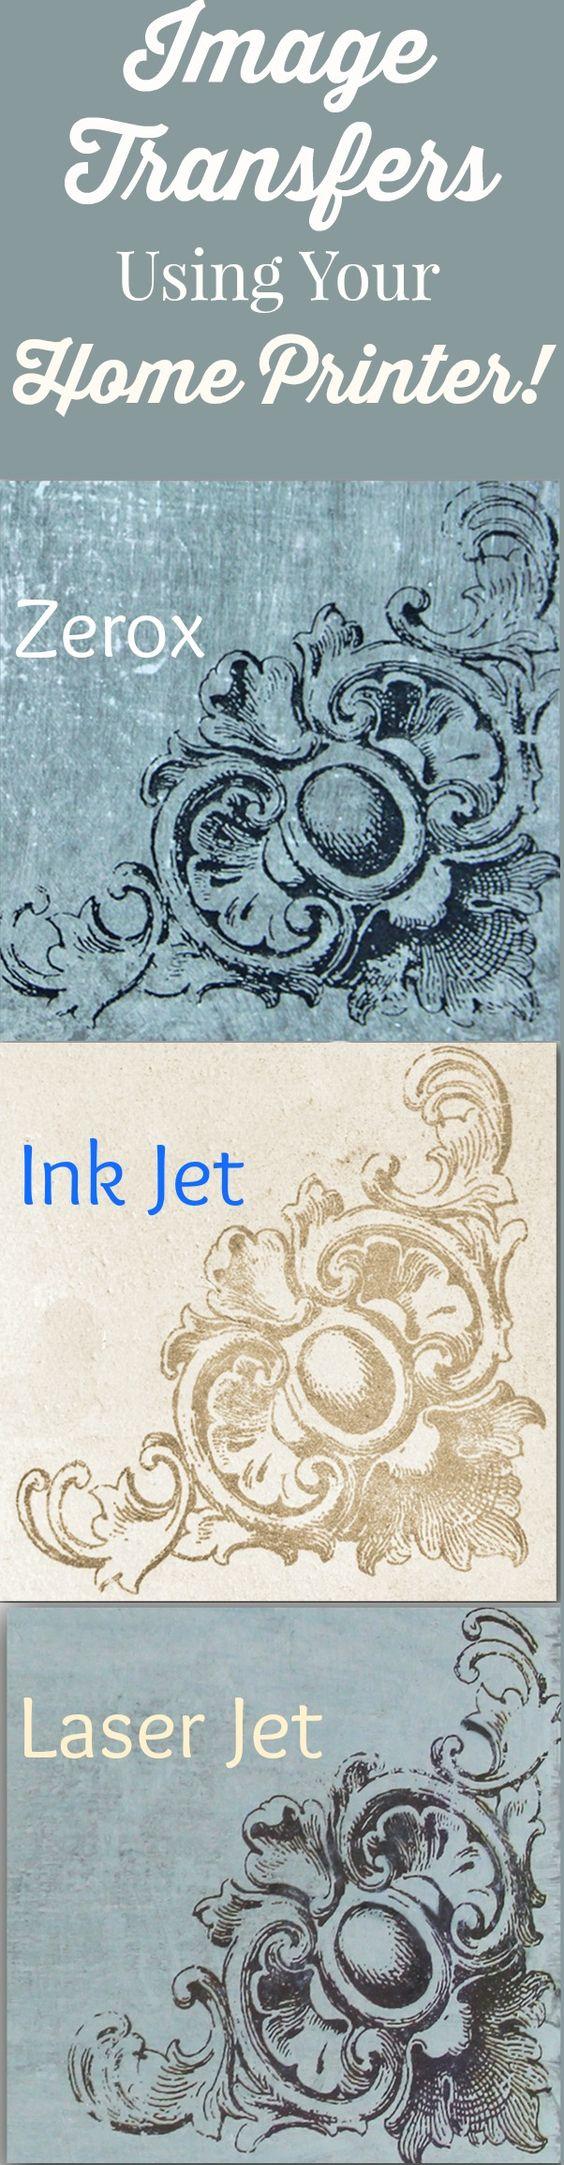 Transferência de imagens usando uma impressora.